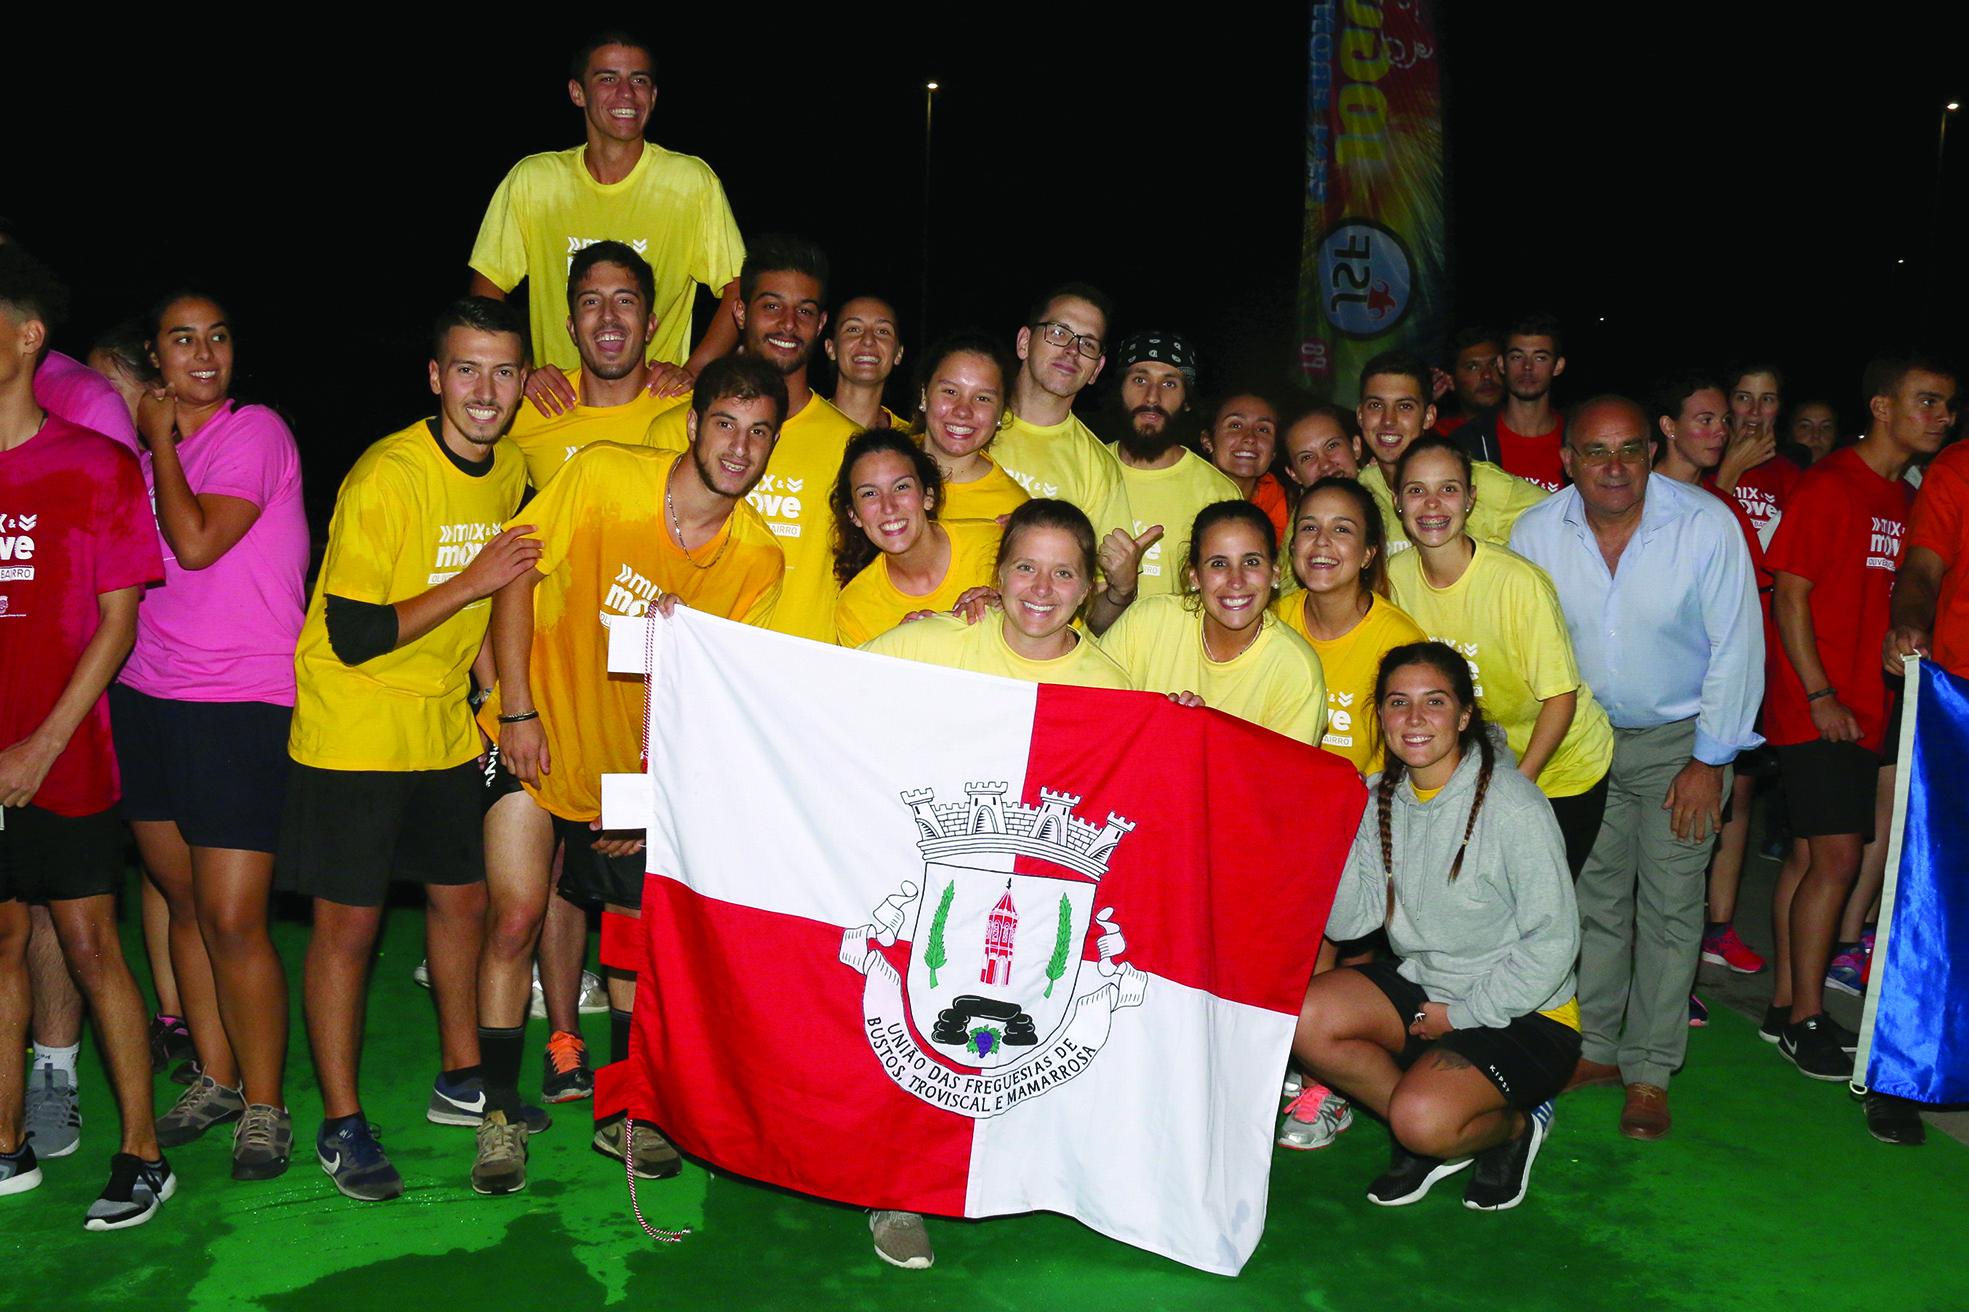 União de Freguesias BTM Vencedora dos Jogos Sem Fronteiras